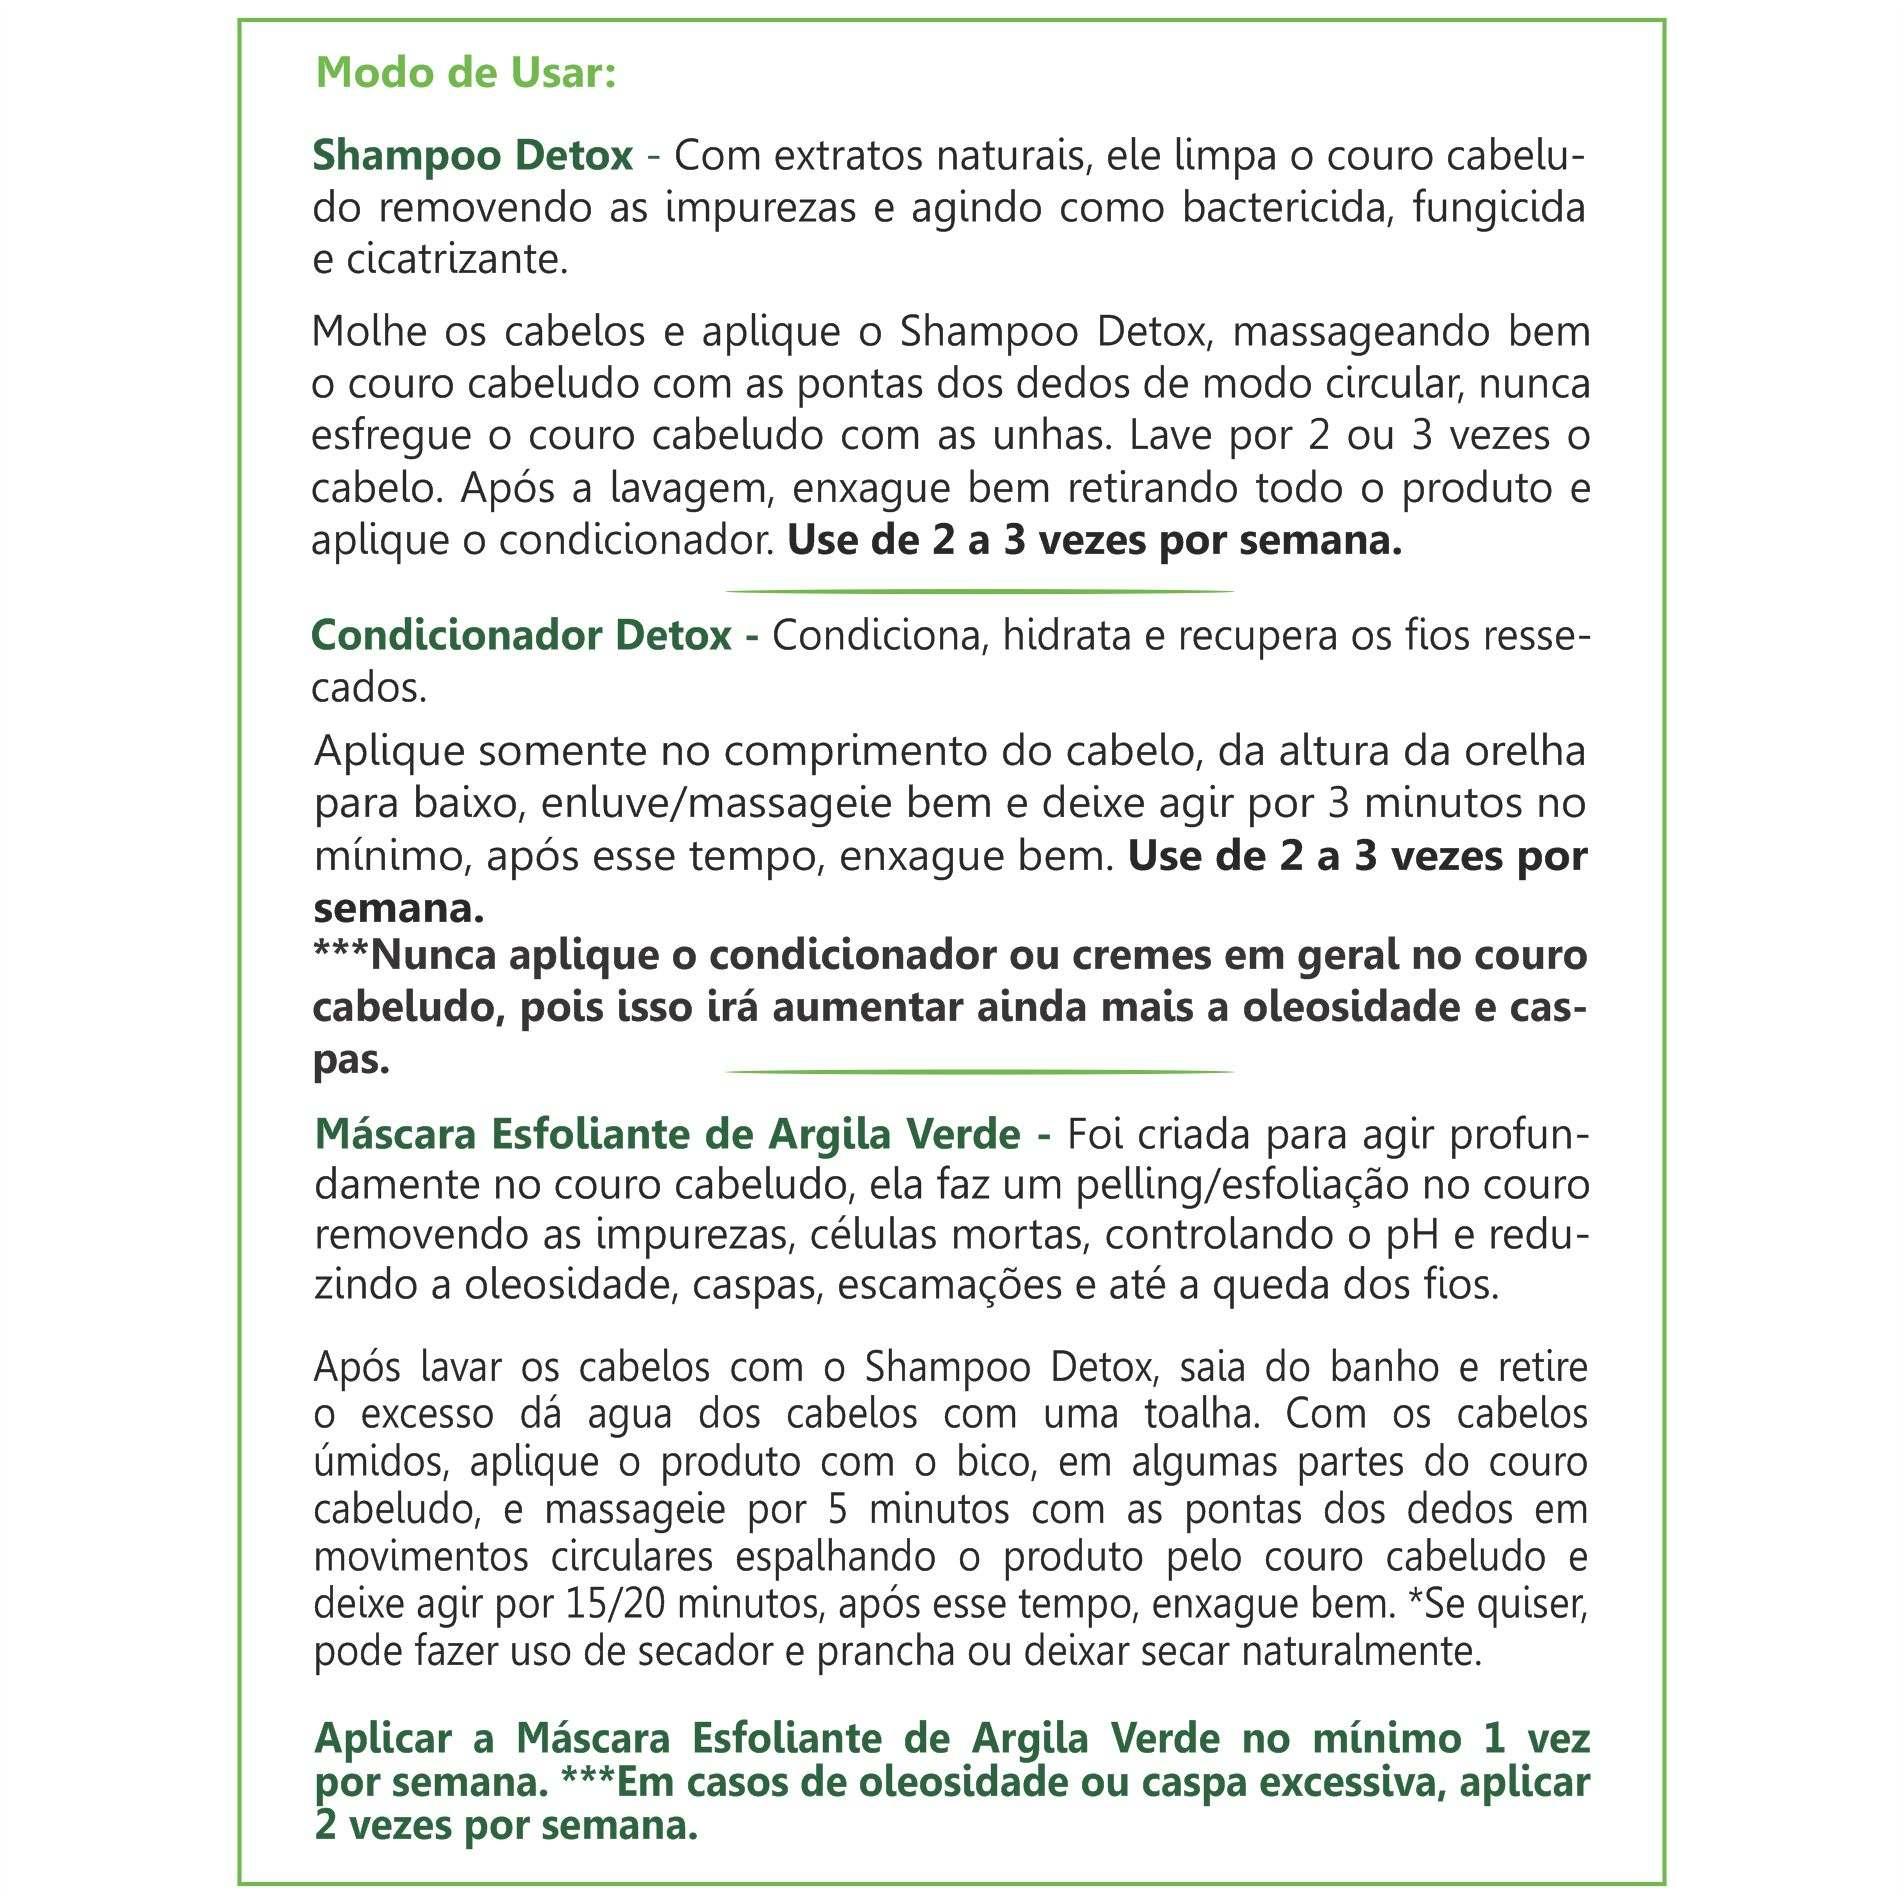 Máscara de Argila Verde para Couro Cabeludo Oleoso, com Caspas e Escamações